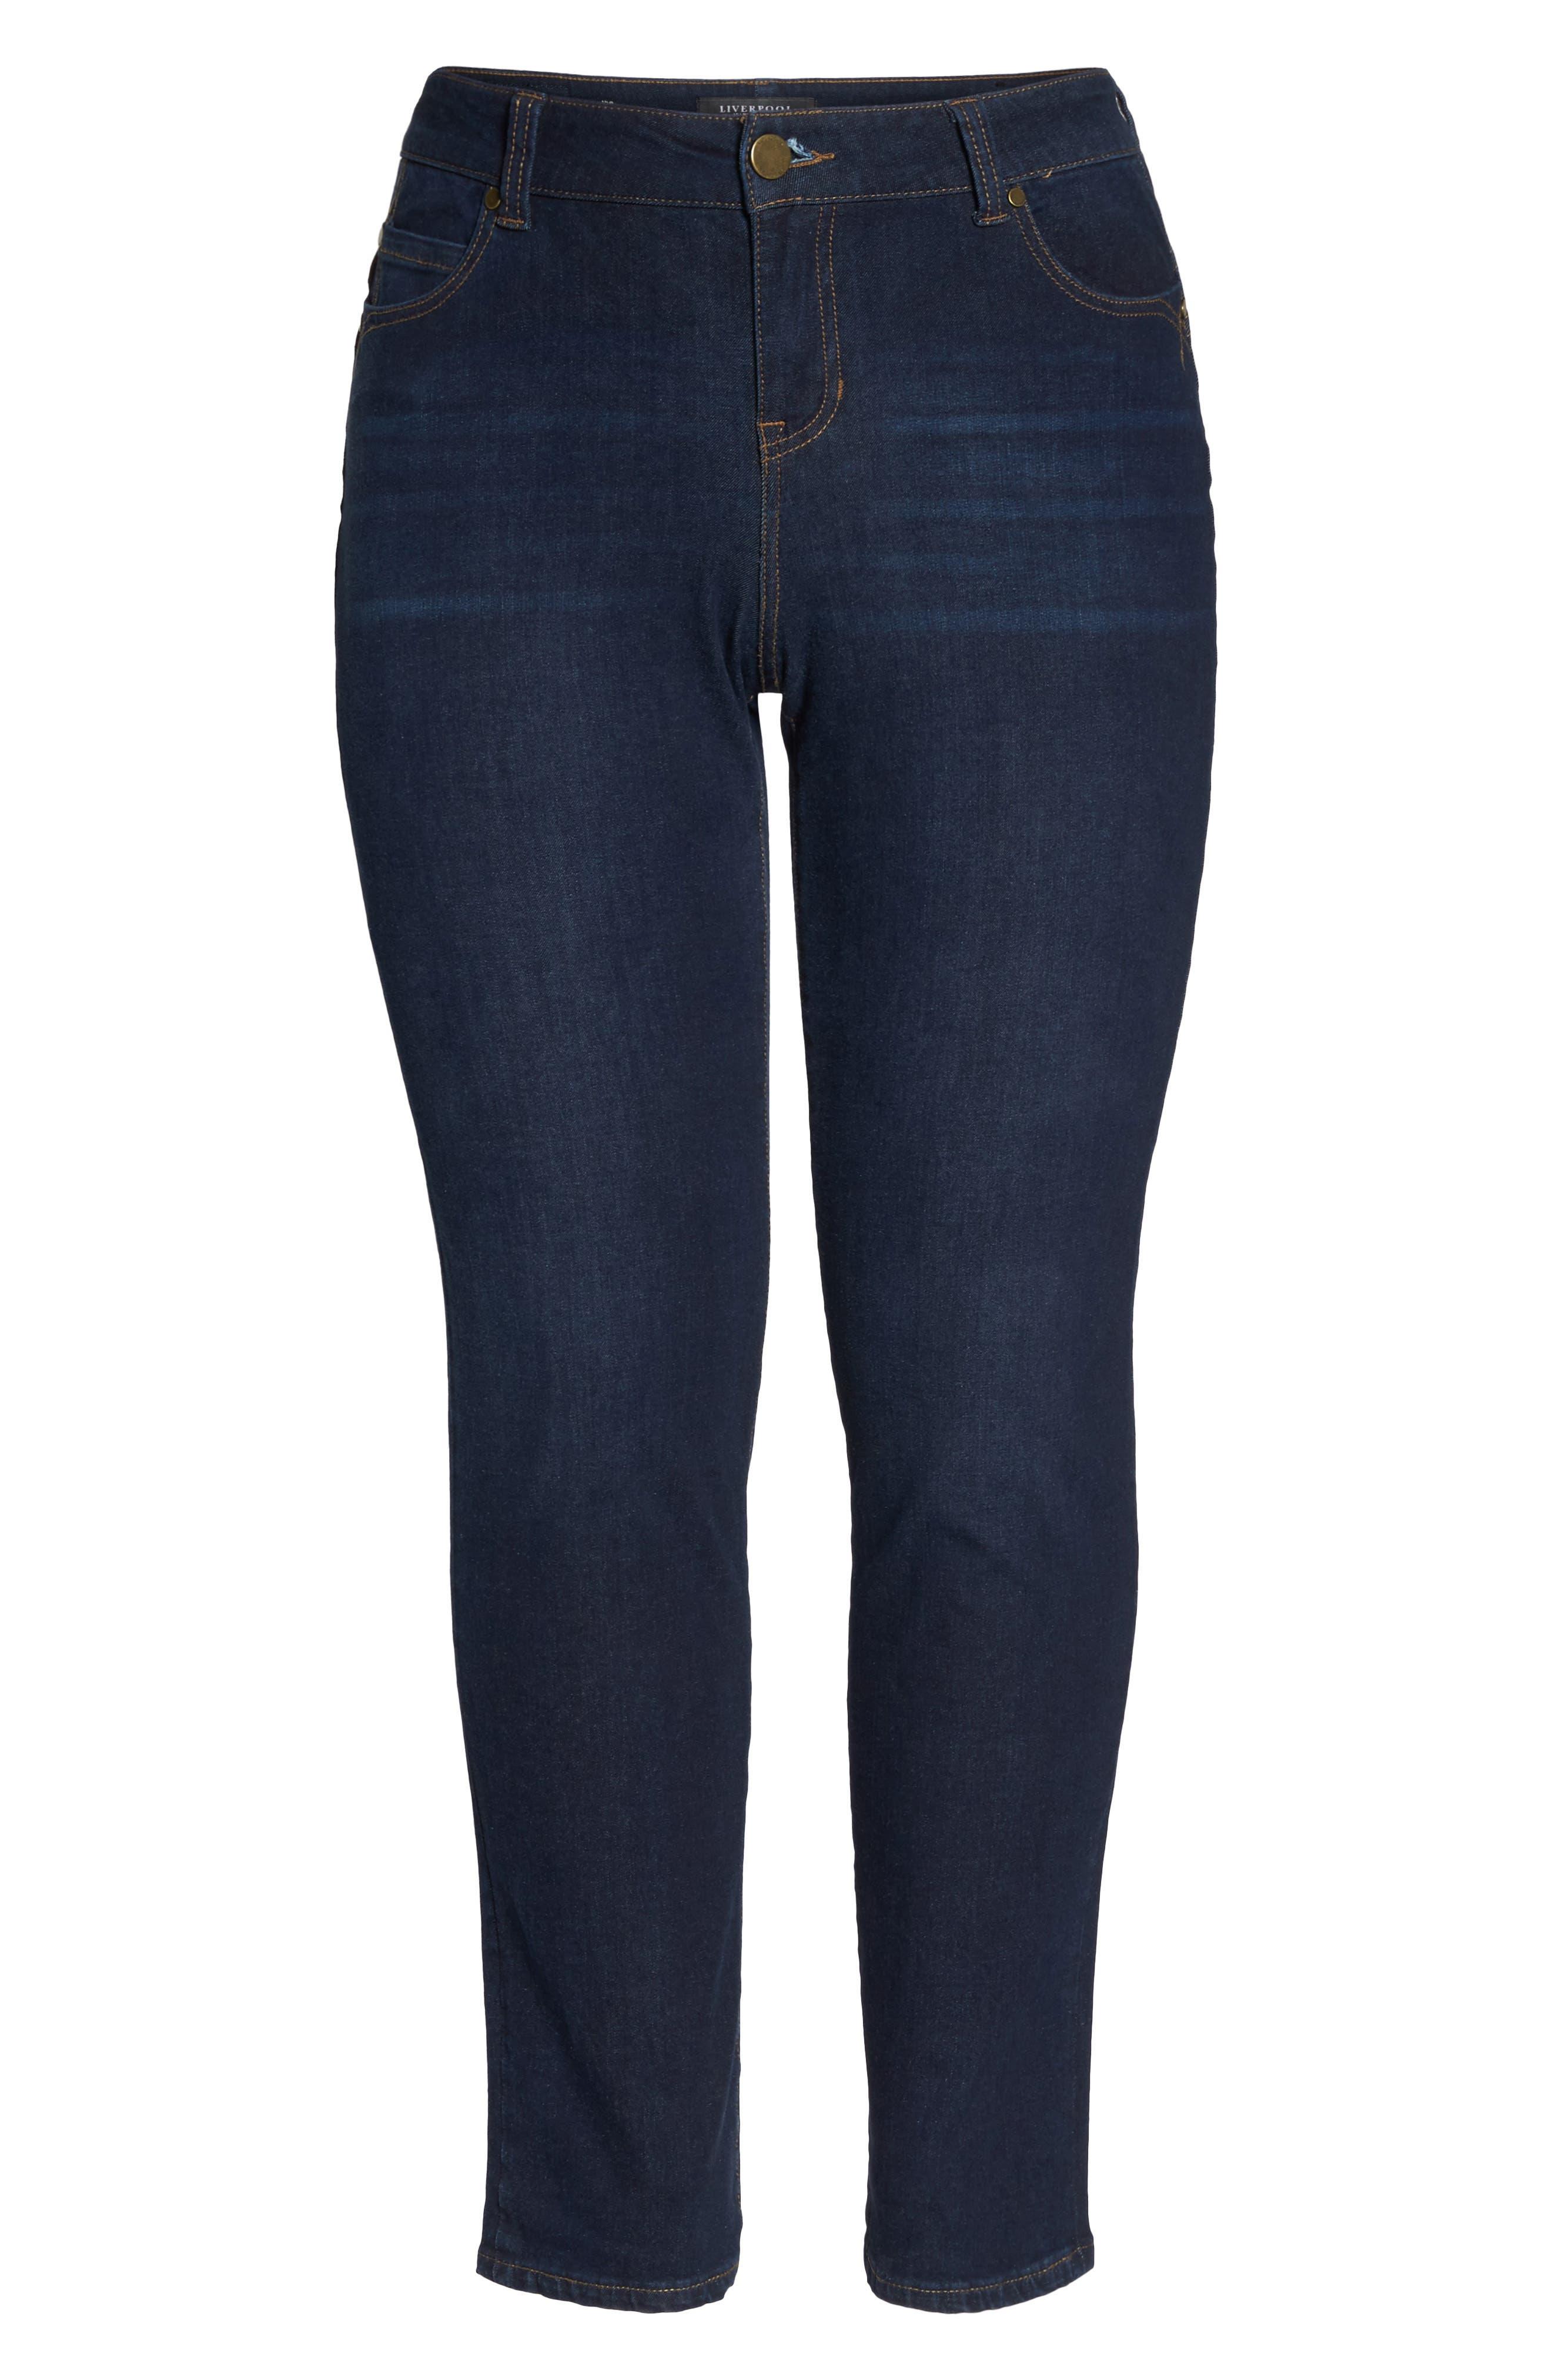 Remy - Hugger Straight Leg Jeans,                             Alternate thumbnail 7, color,                             CORVUS DARK